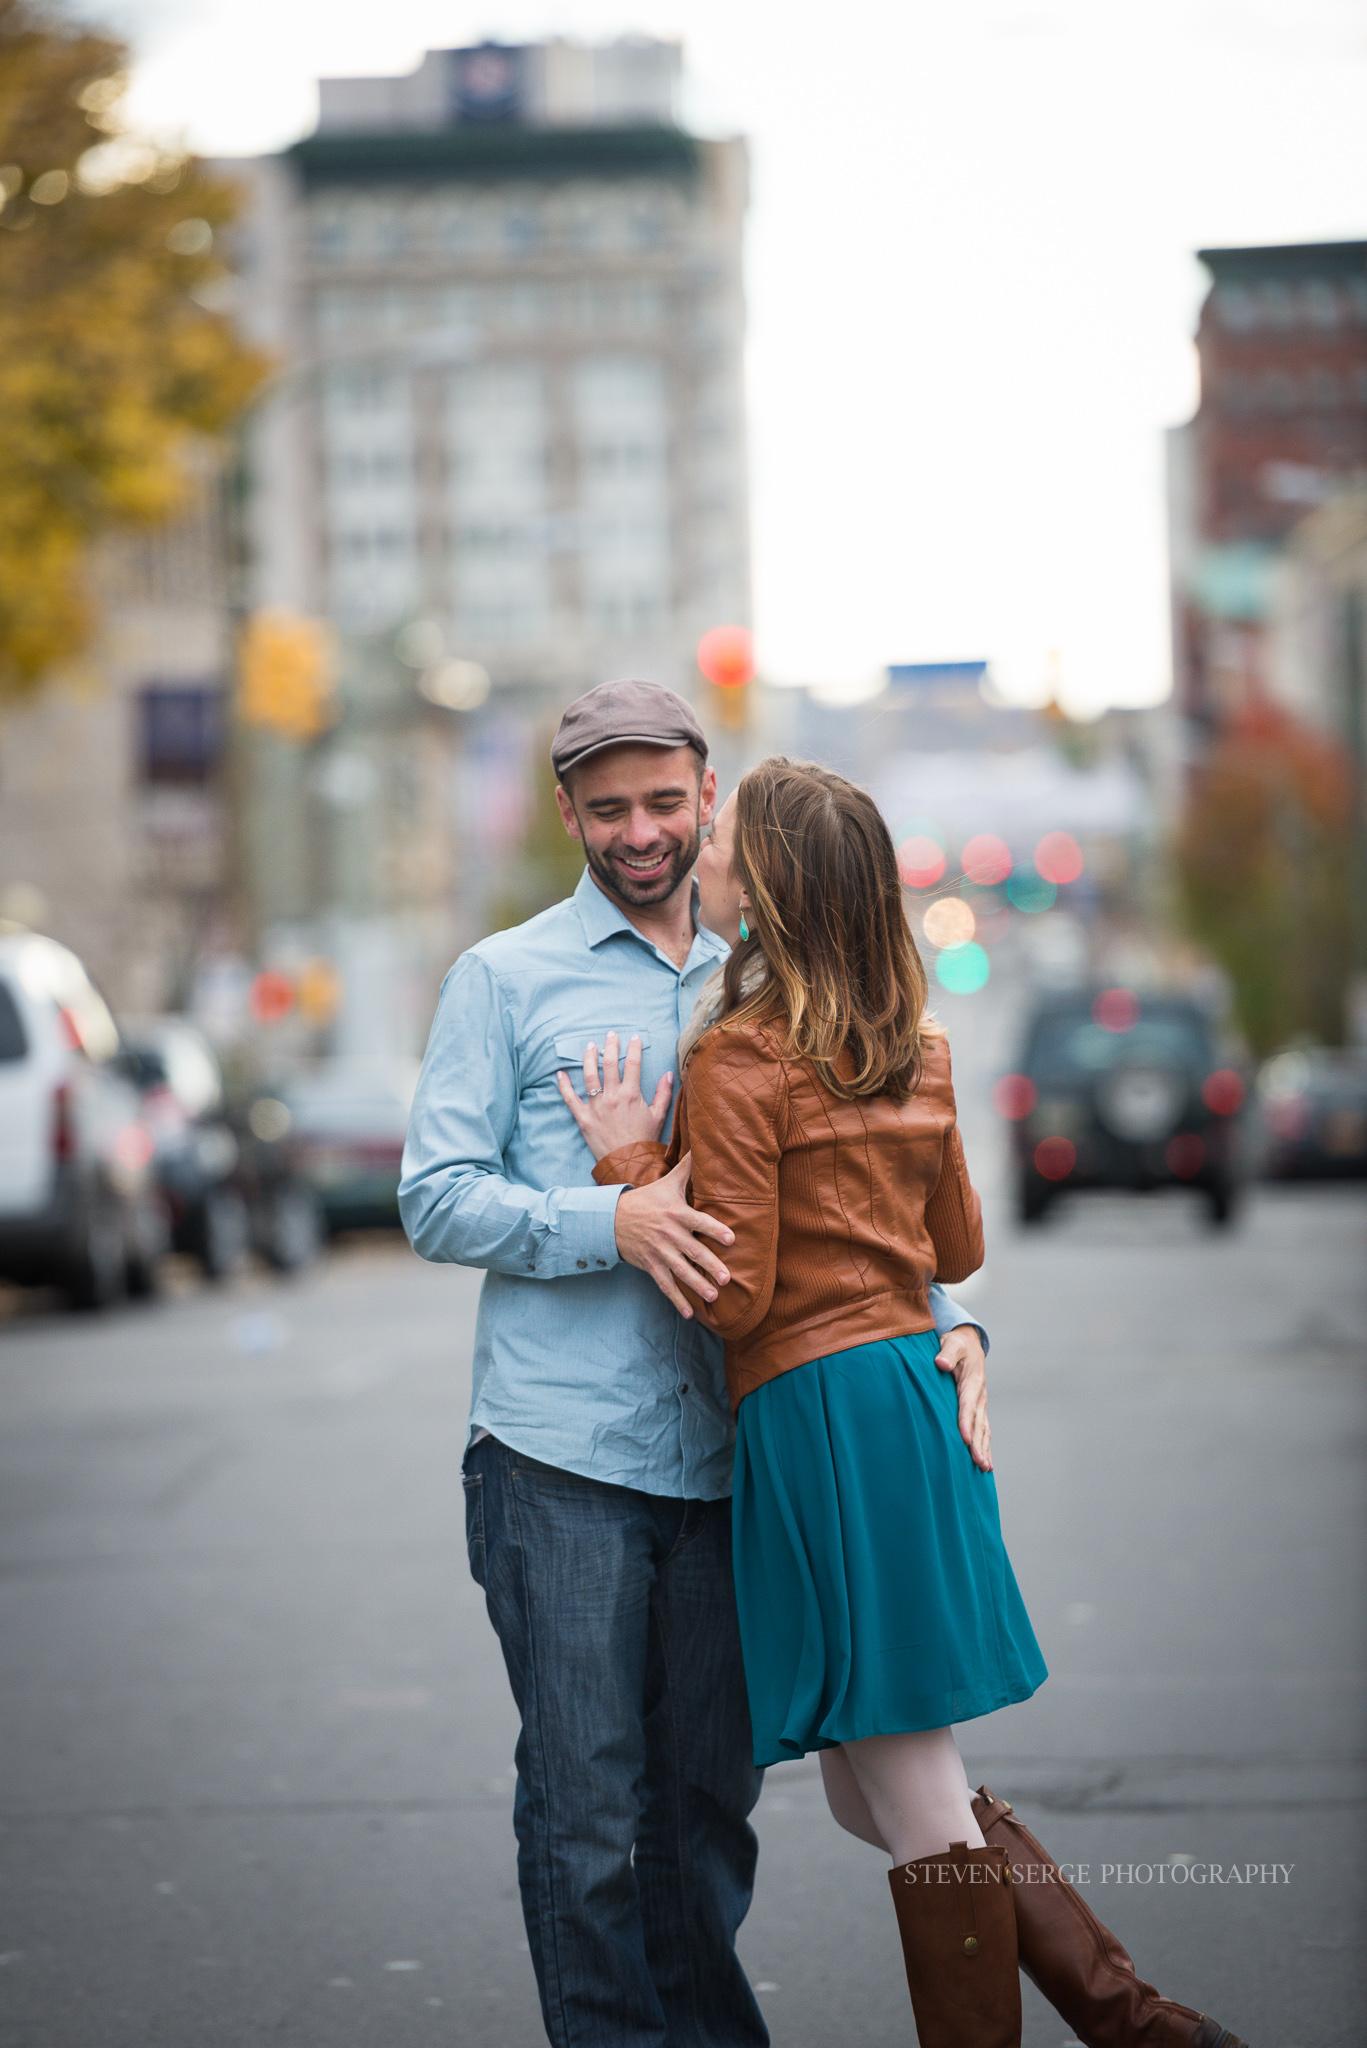 Aleine-Scranton-Engagement-Wedding-Nepa-Photographer-Steamtown-Photography-15.jpg